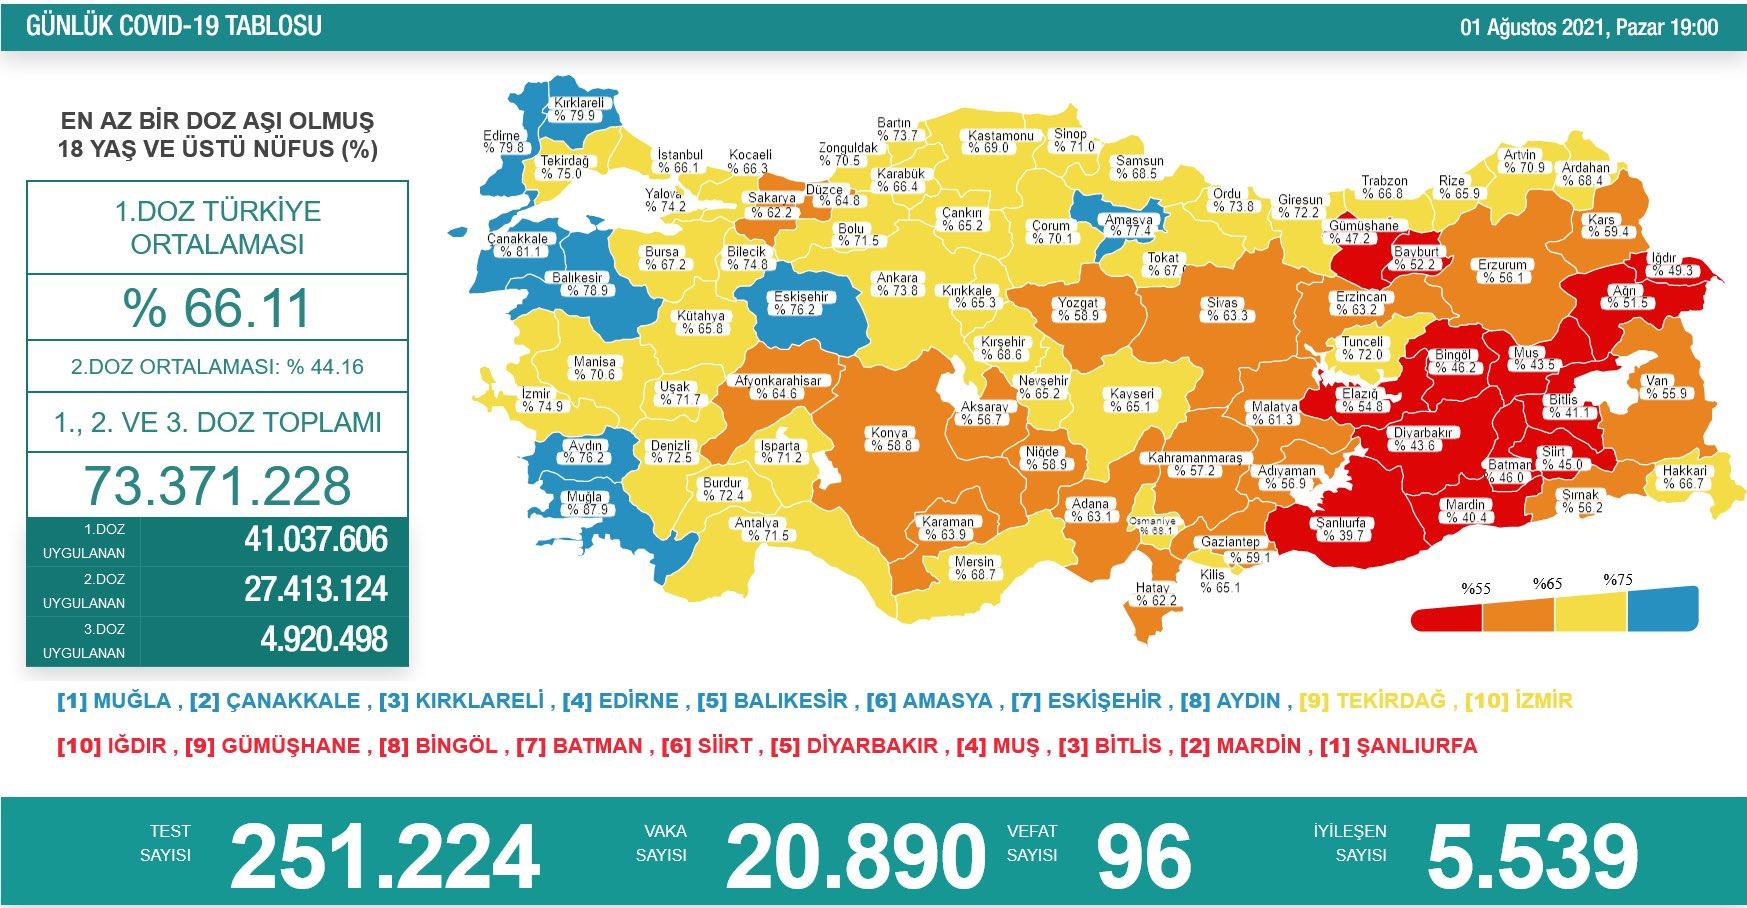 1 Ağustos 2021 Pazar Türkiye Günlük Koronavirüs Tablosu | Bugünkü korona tablosu | Vaka ve ölüm sayısı kaç oldu?